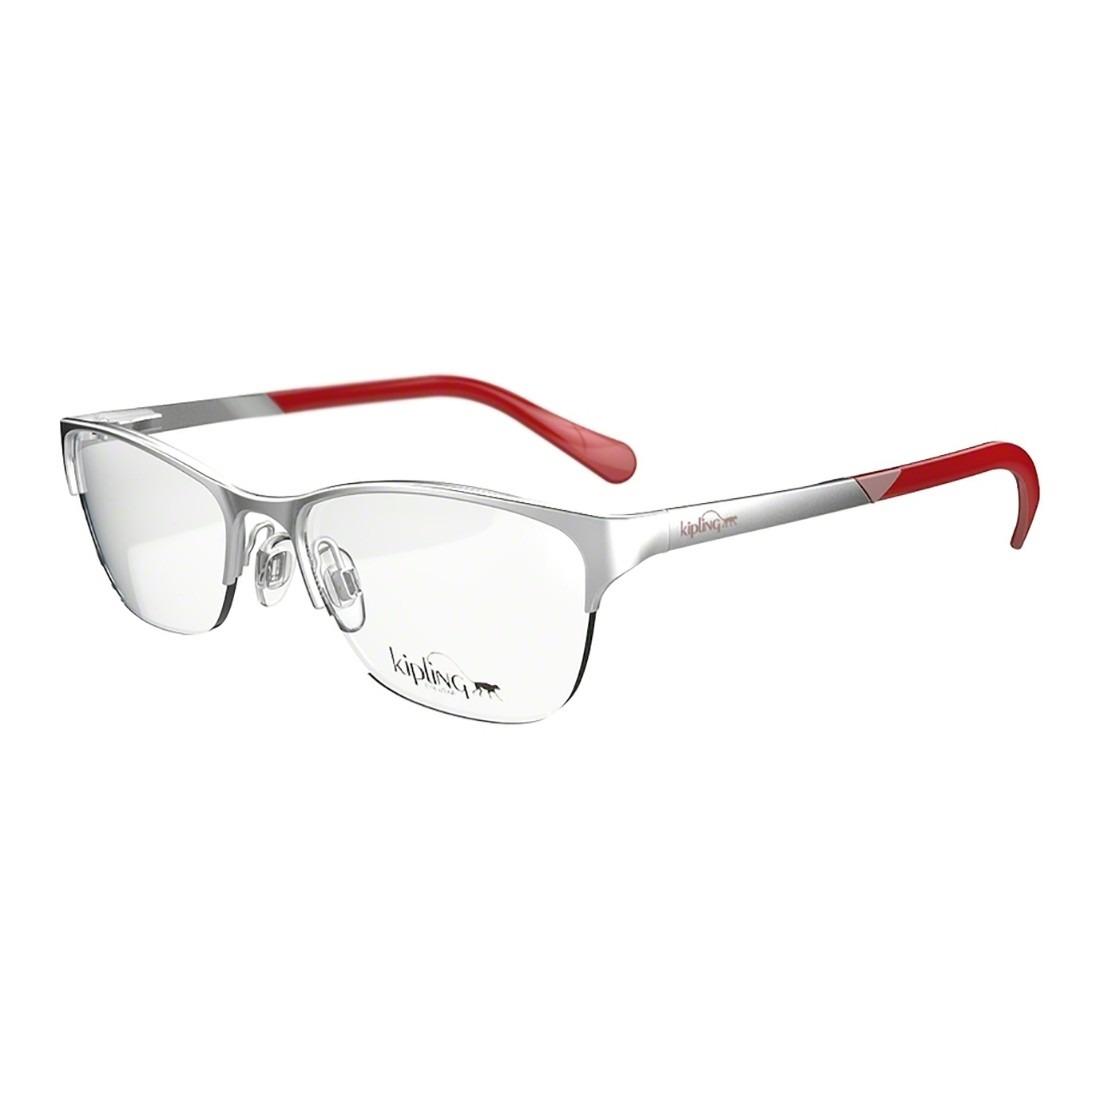 b008669be Kipling Kp1090 Óculos De Grau - R$ 249,60 em Mercado Livre